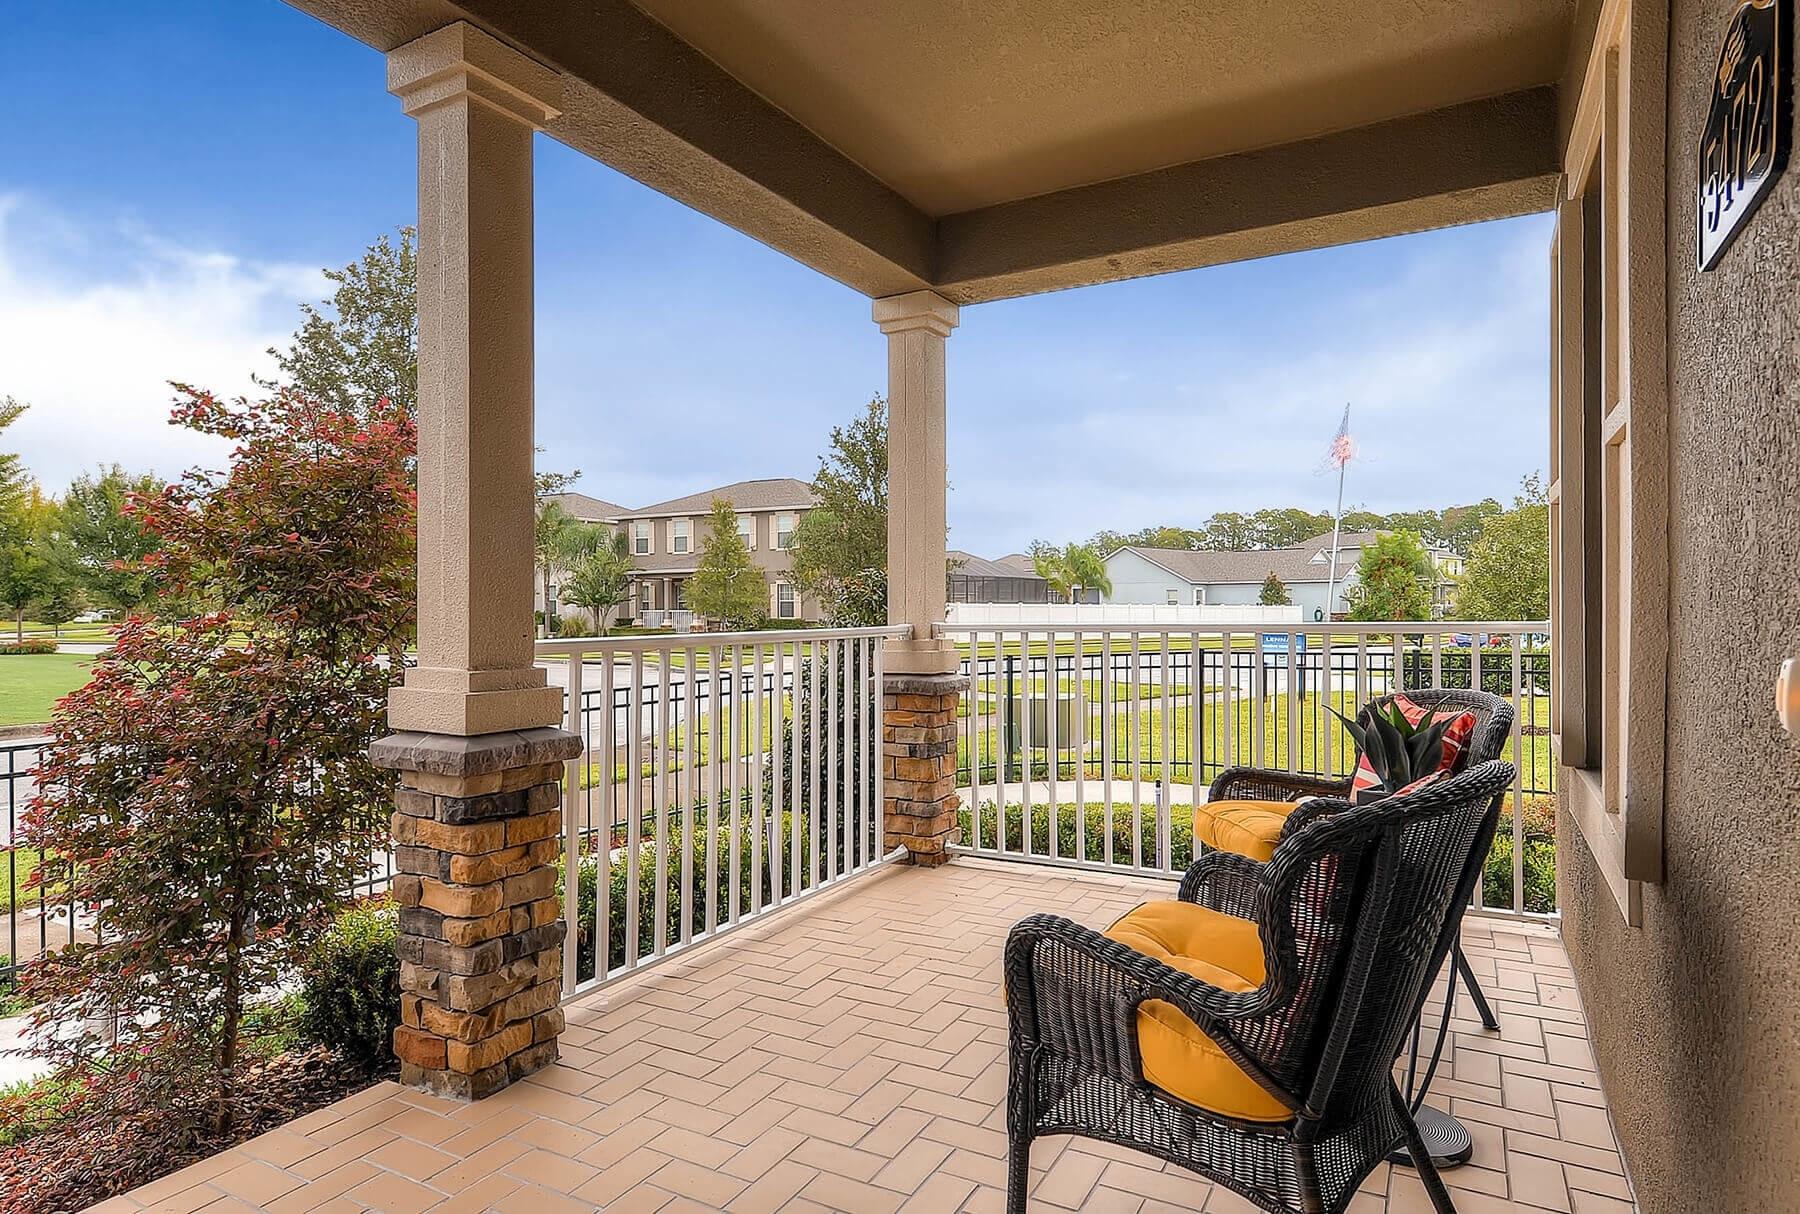 Replacing front porch pillars